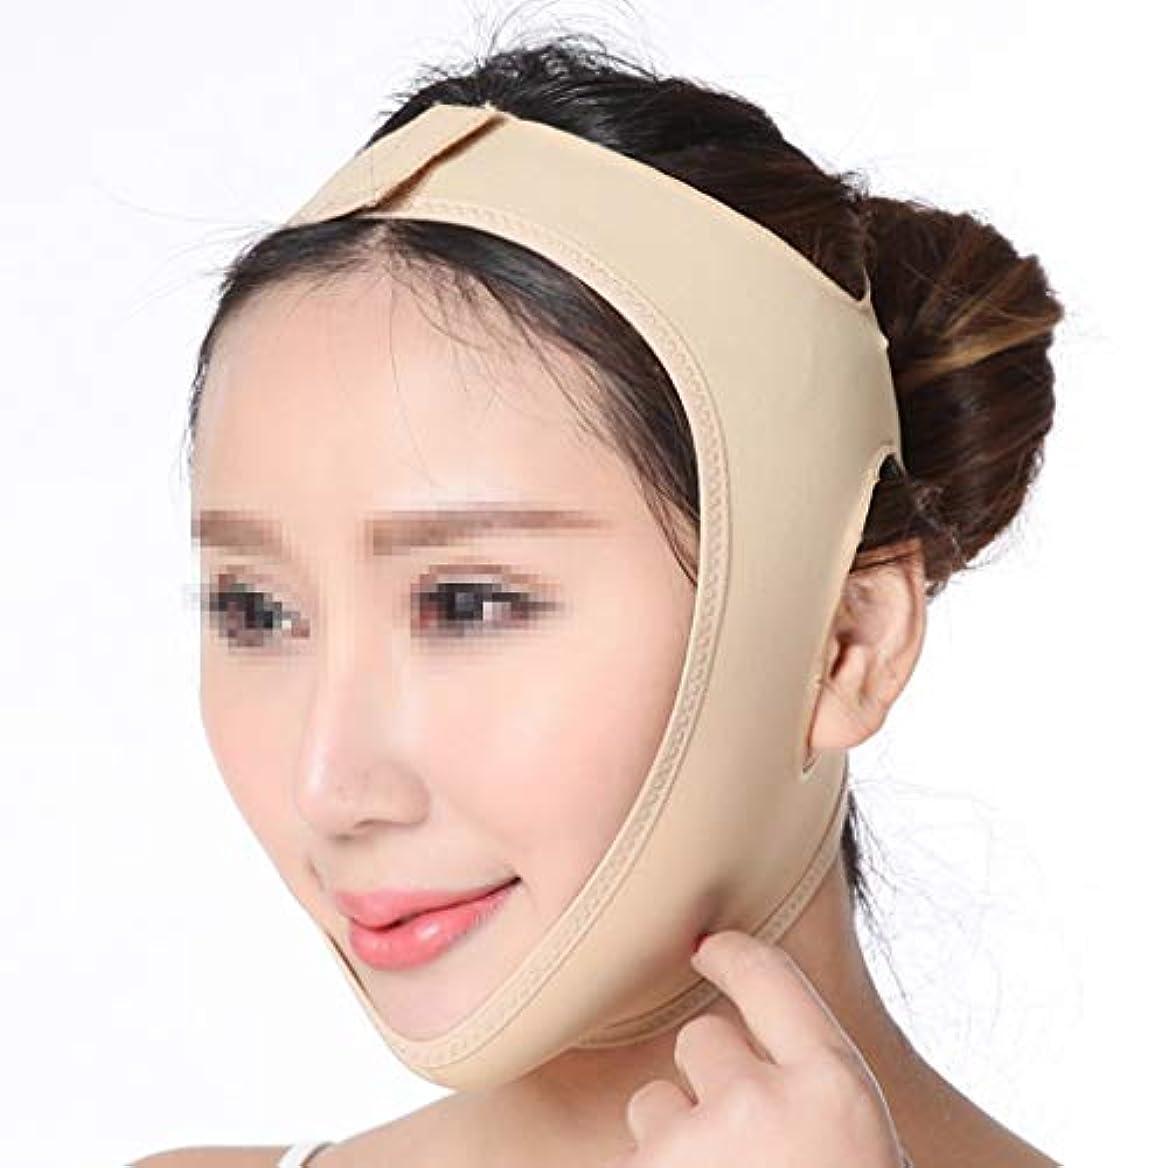 知覚する用心嬉しいですXHLMRMJ 美容マスク、回復後のライン彫刻二重あごフェイスリフトアーティファクトフェイス小型Vフェイス楽器包帯リフティングケアヘッドギア (Size : L)